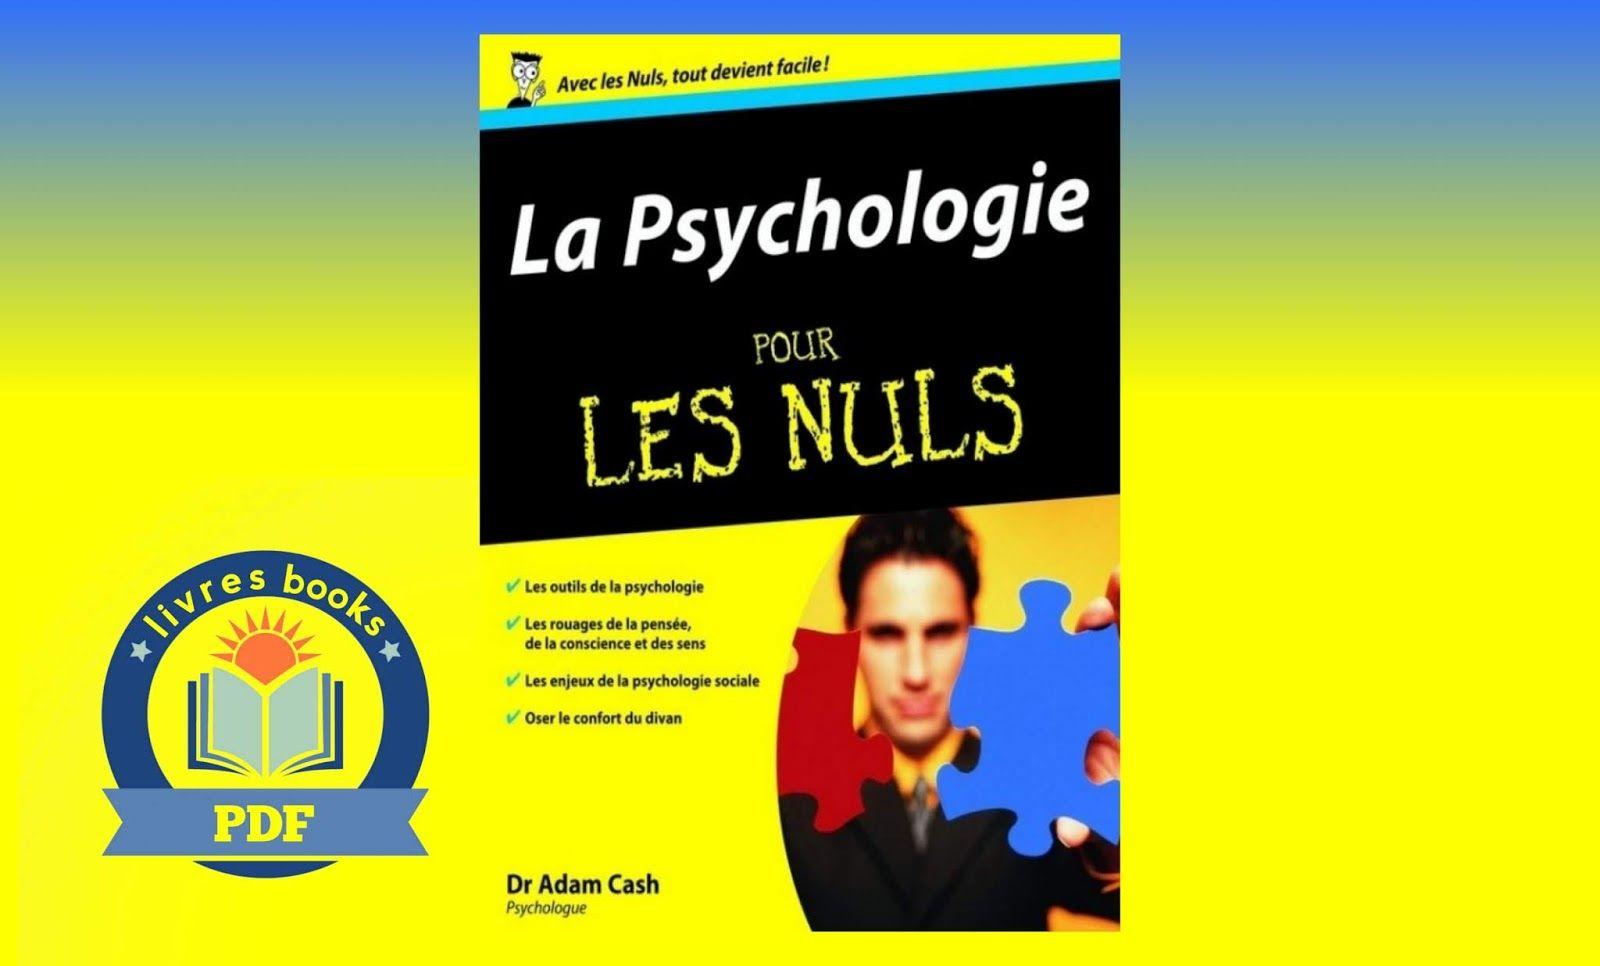 Telecharger La Psychologie Pour Les Nuls Pdf Gratuit Https Ift Tt 2pybtz2 Movie Posters